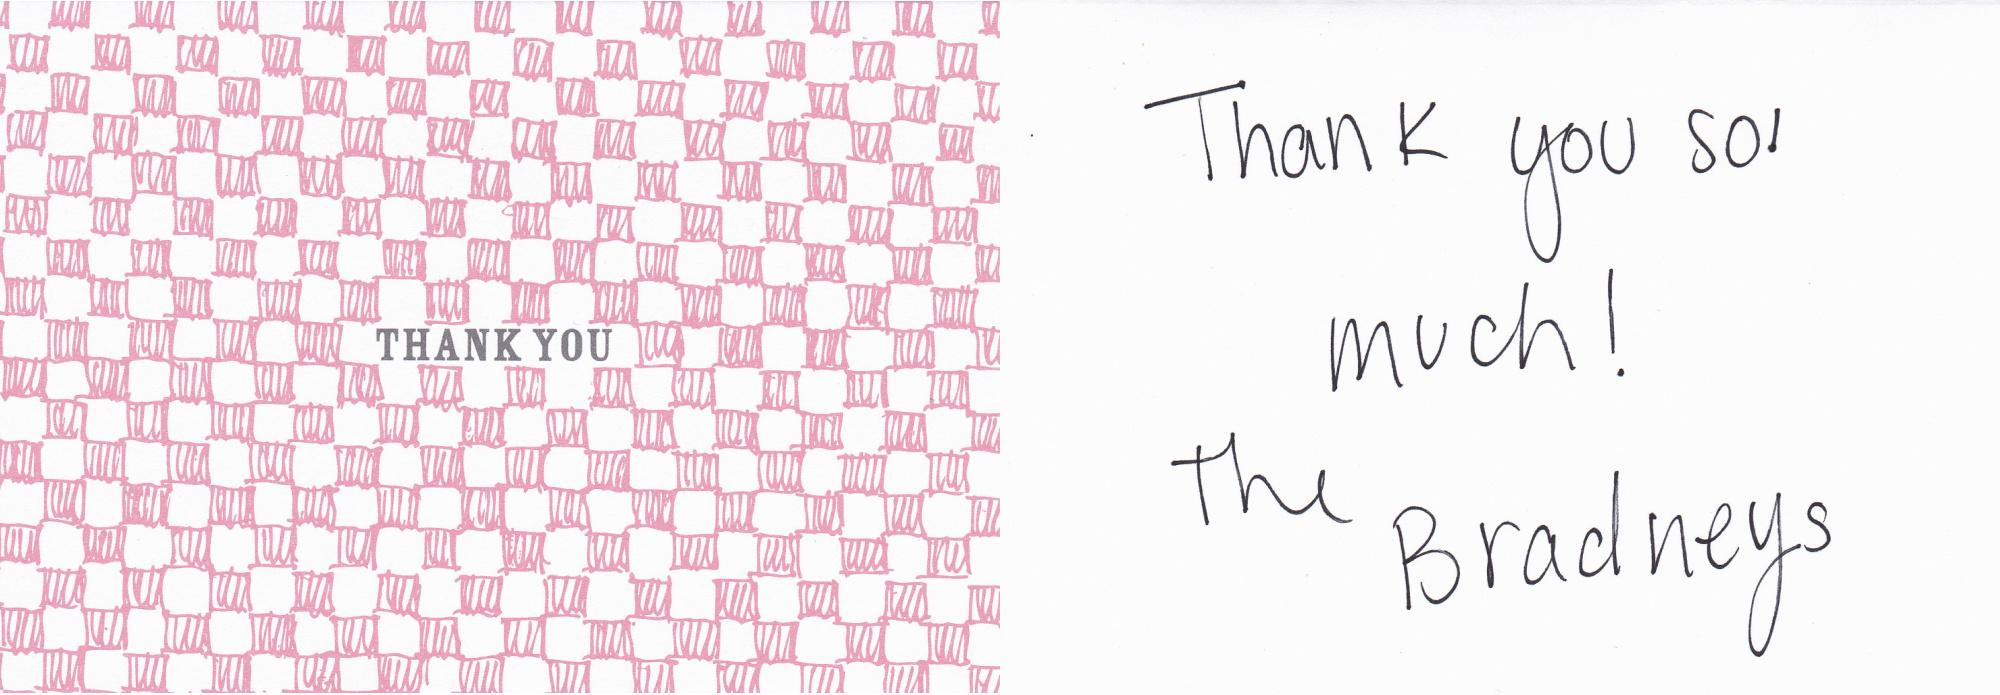 201406291EV1 - Jessica & Marcin Zuberek - Thank You.jpg